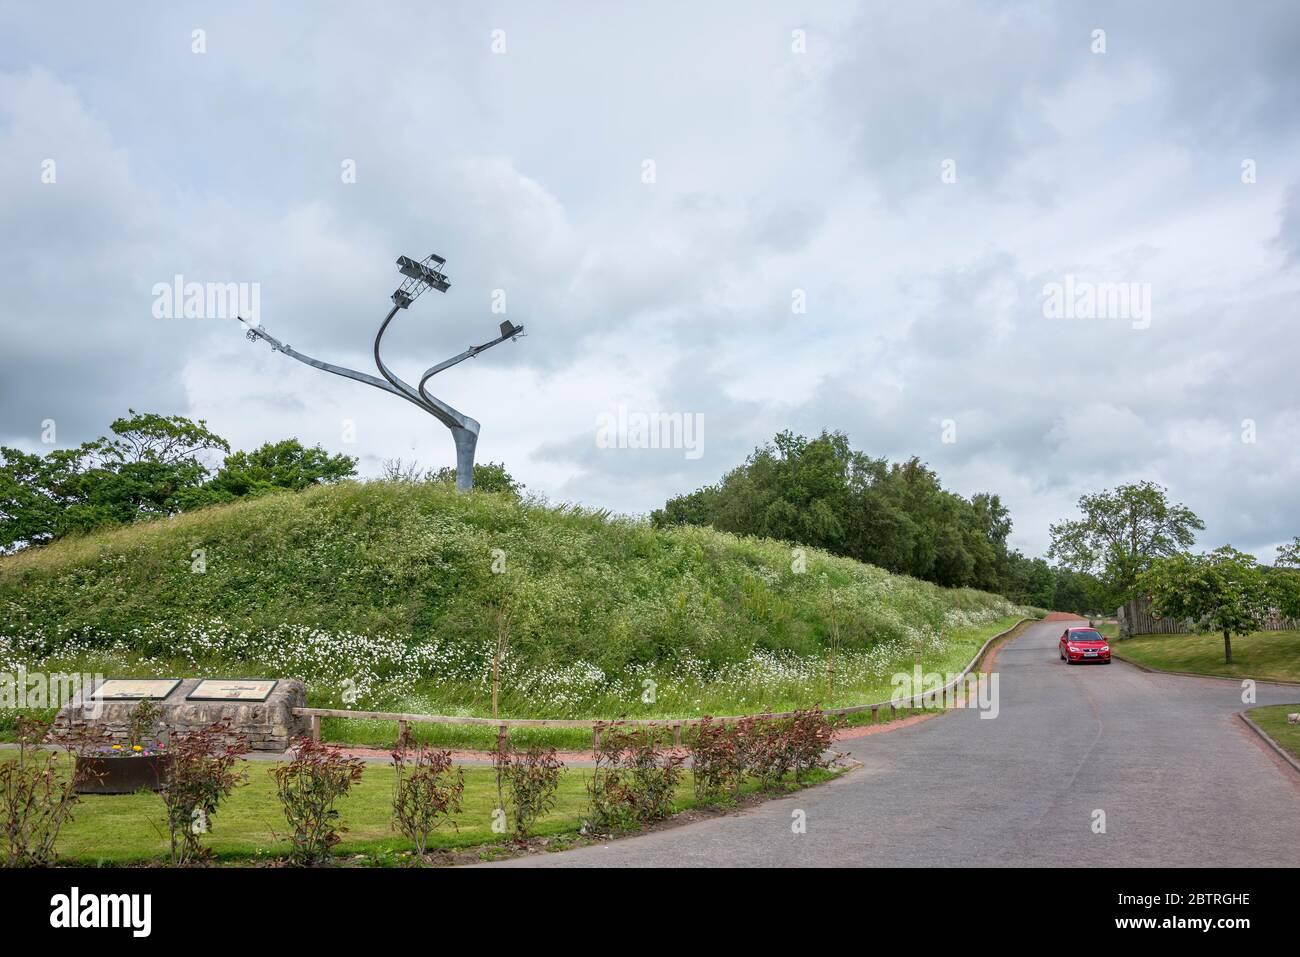 La escultura del Espíritu de Vuelo en la cerradura de Lanark que conmemora el espectáculo aéreo de Lanark de 1910. Foto de stock